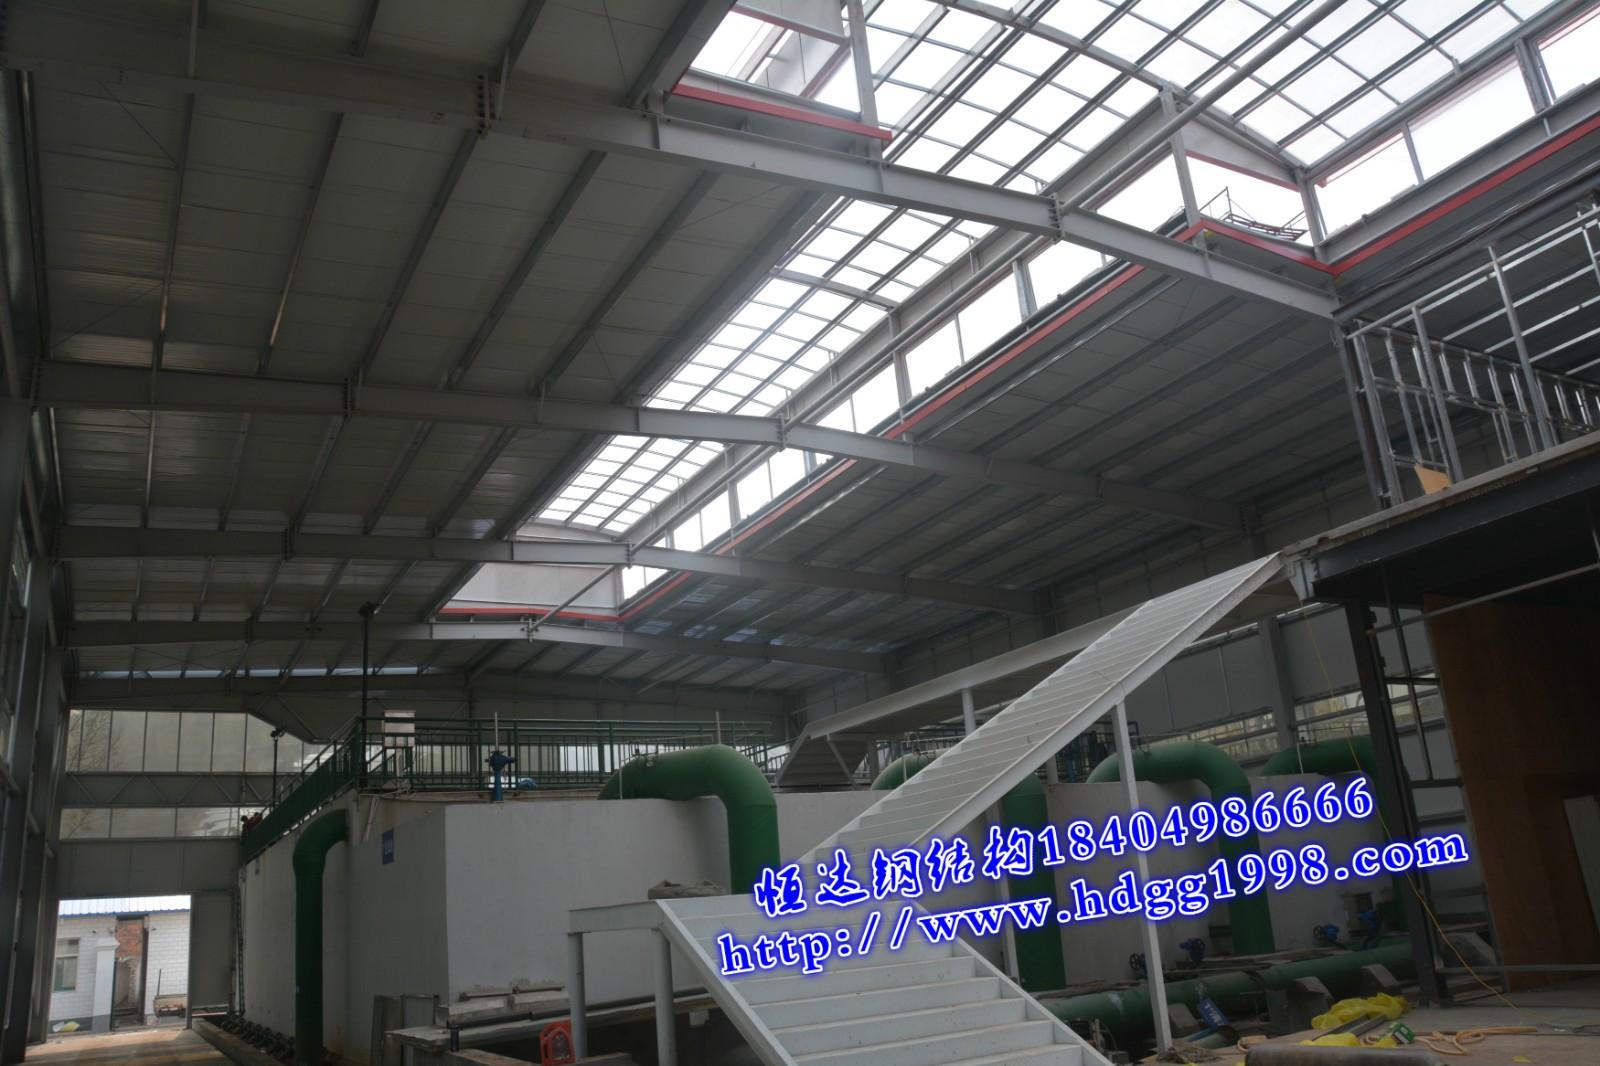 祁县2019年饮水安全规模化、标准化建设项目水处理车间